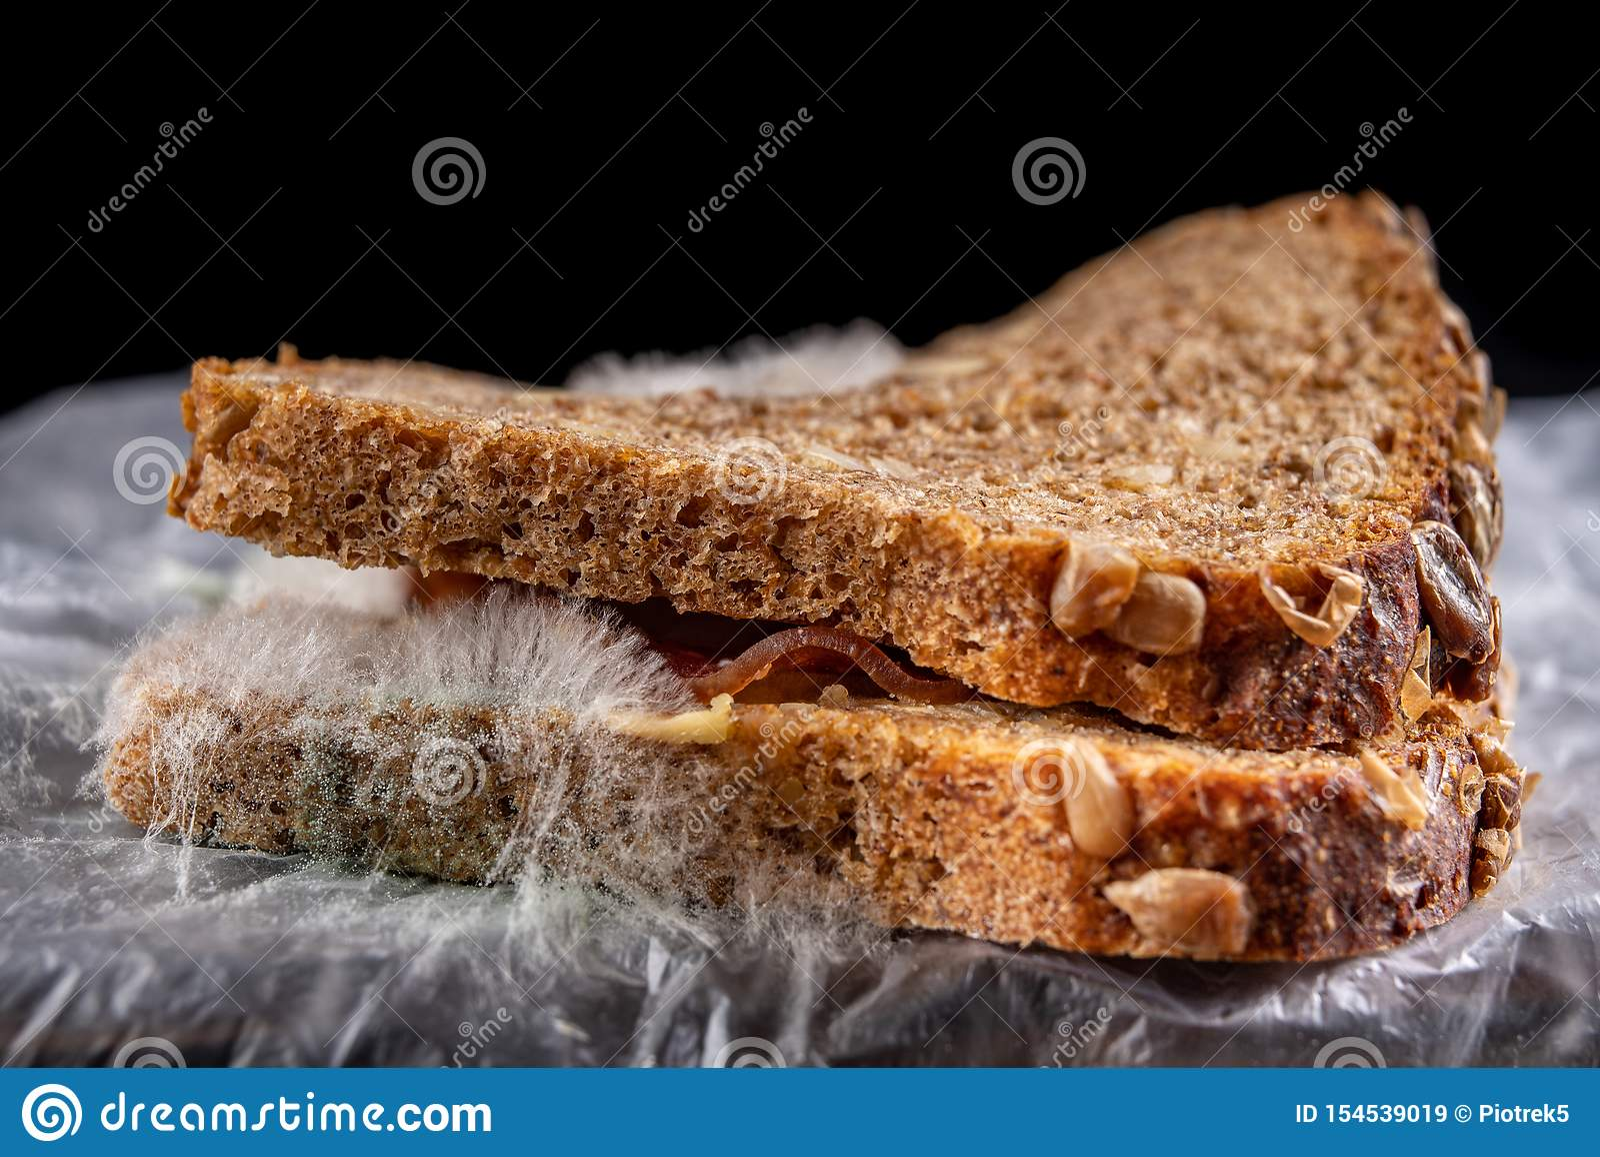 Moldy σάντουιτς με το καπνισμένο κρέας σε μια πλαστική τσάντα Σκοτεινό ψωμί με τα σιτάρια που καλύπτονται με την άσπρη φόρμα